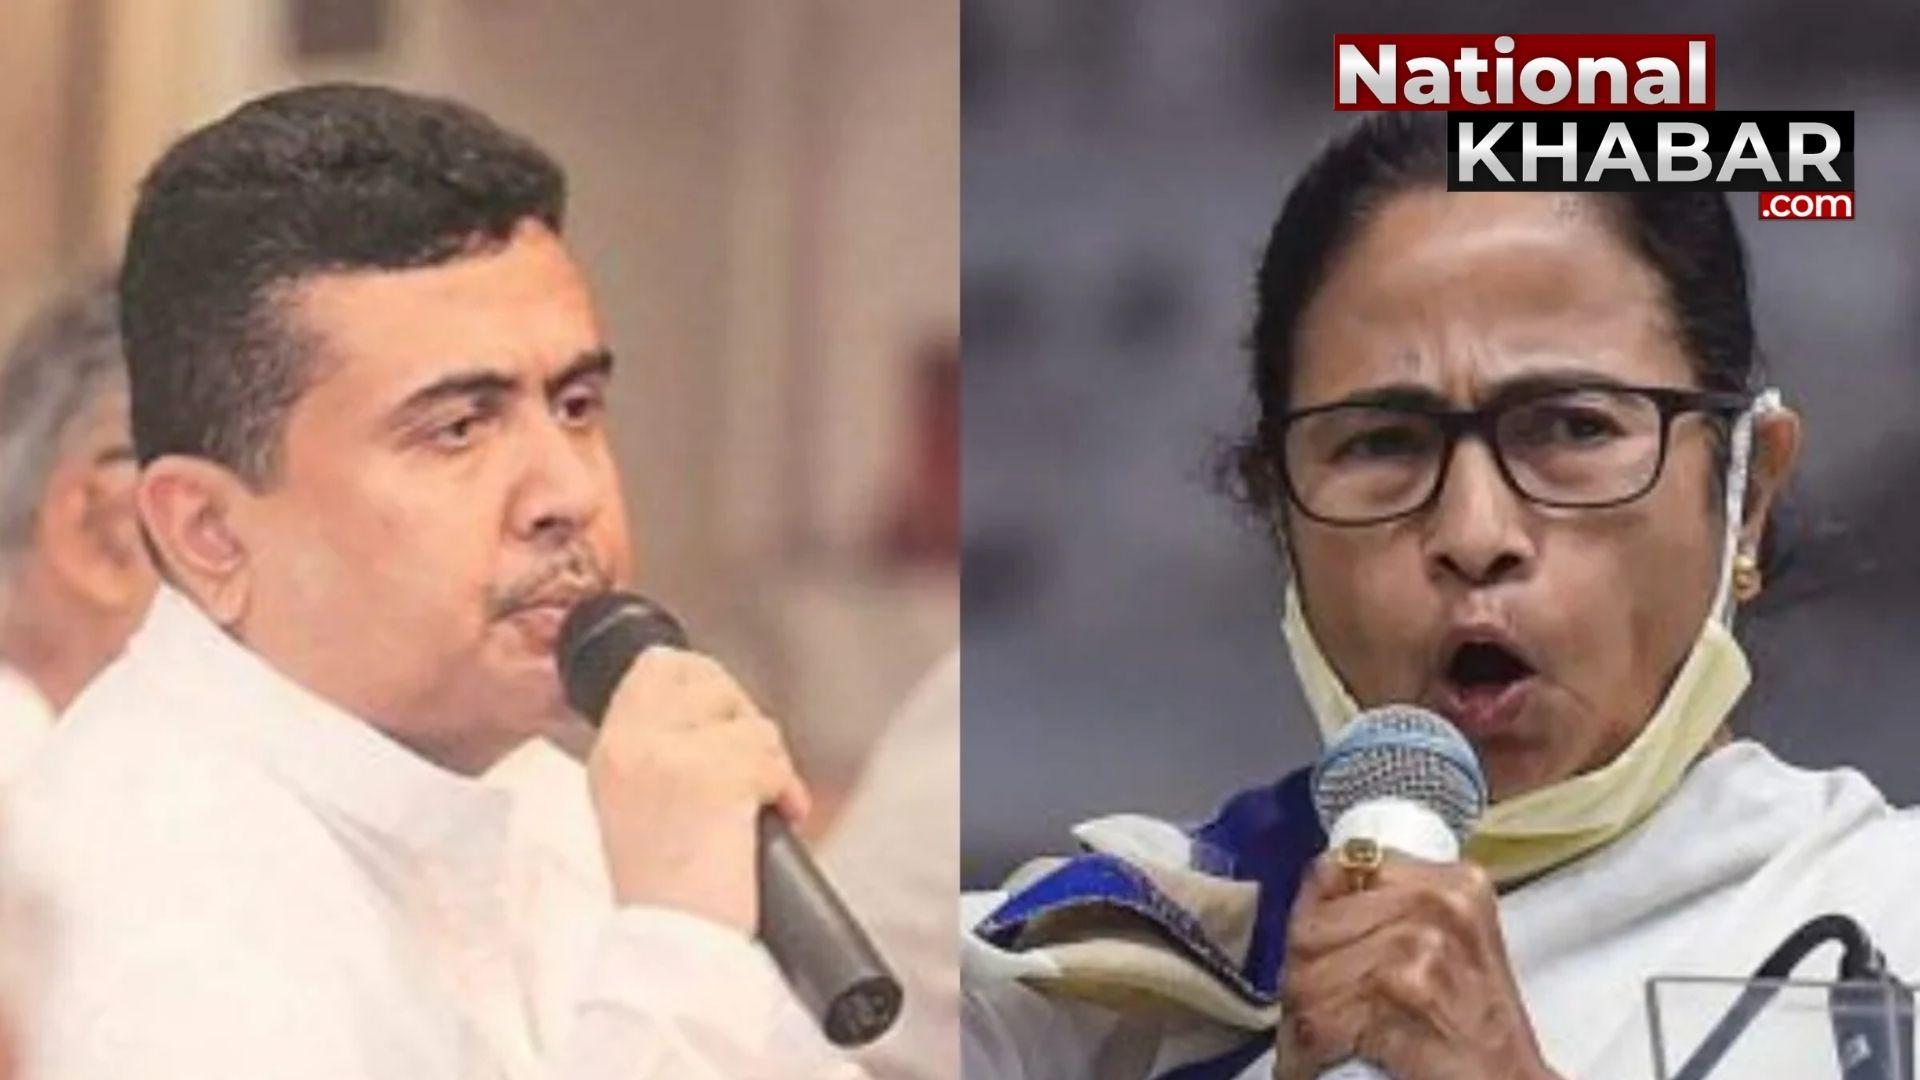 Bengal Election Results Live: दीदी ने जीता बंगाल, लेकिन नंदीग्राम हारीं, भाजपा दहाई का आंकड़ा भी नहीं पार कर पाई